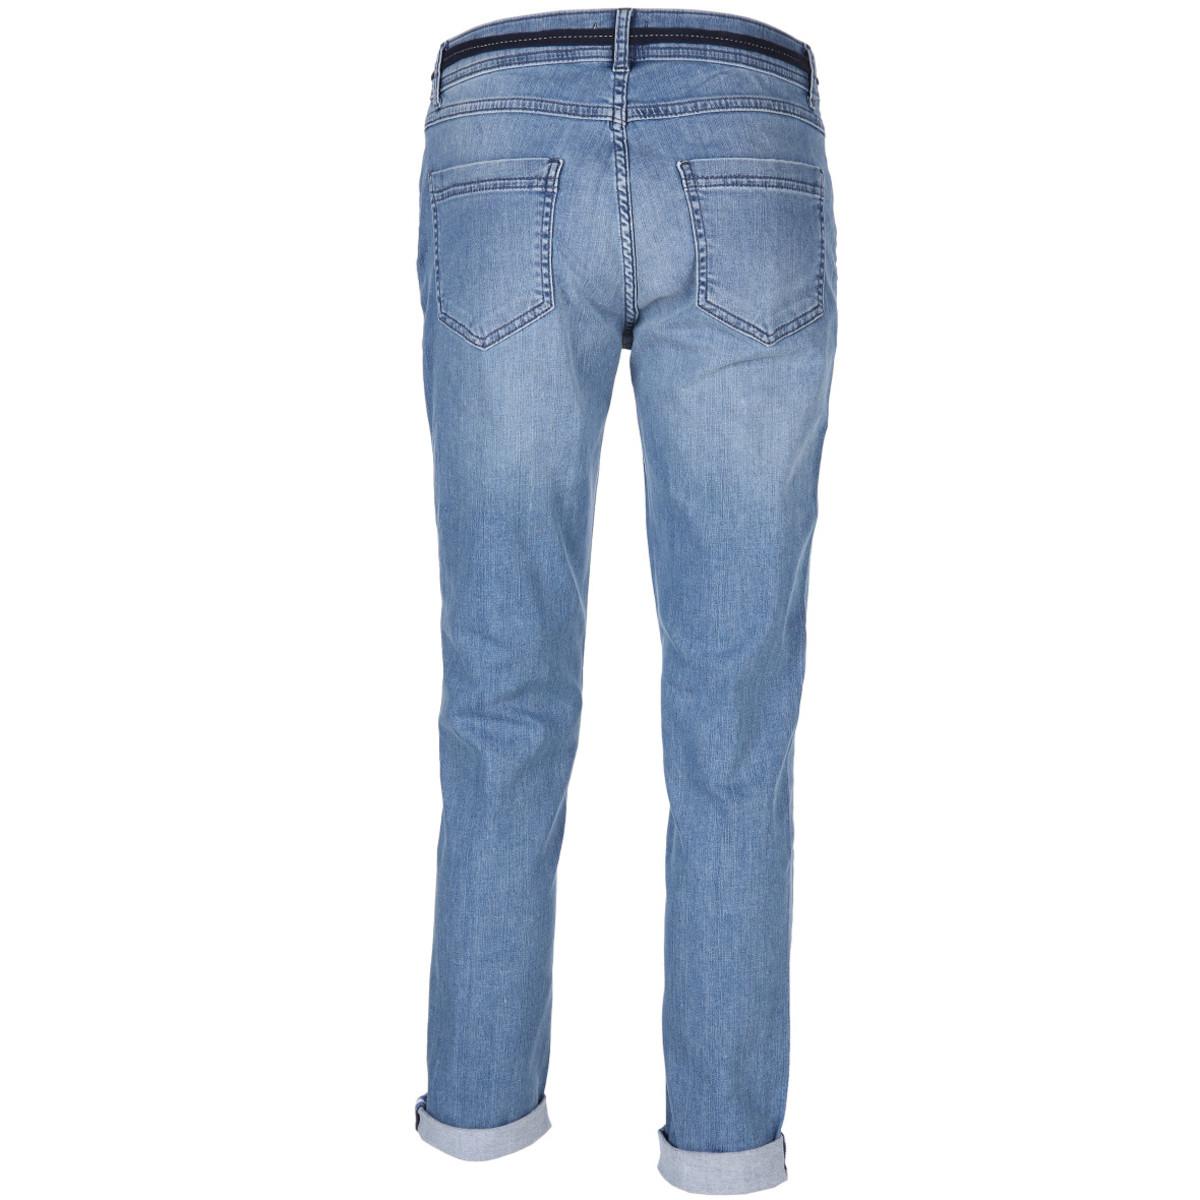 Bild 2 von Damen Jeans in 5-Pocket-Form mit Gürtel